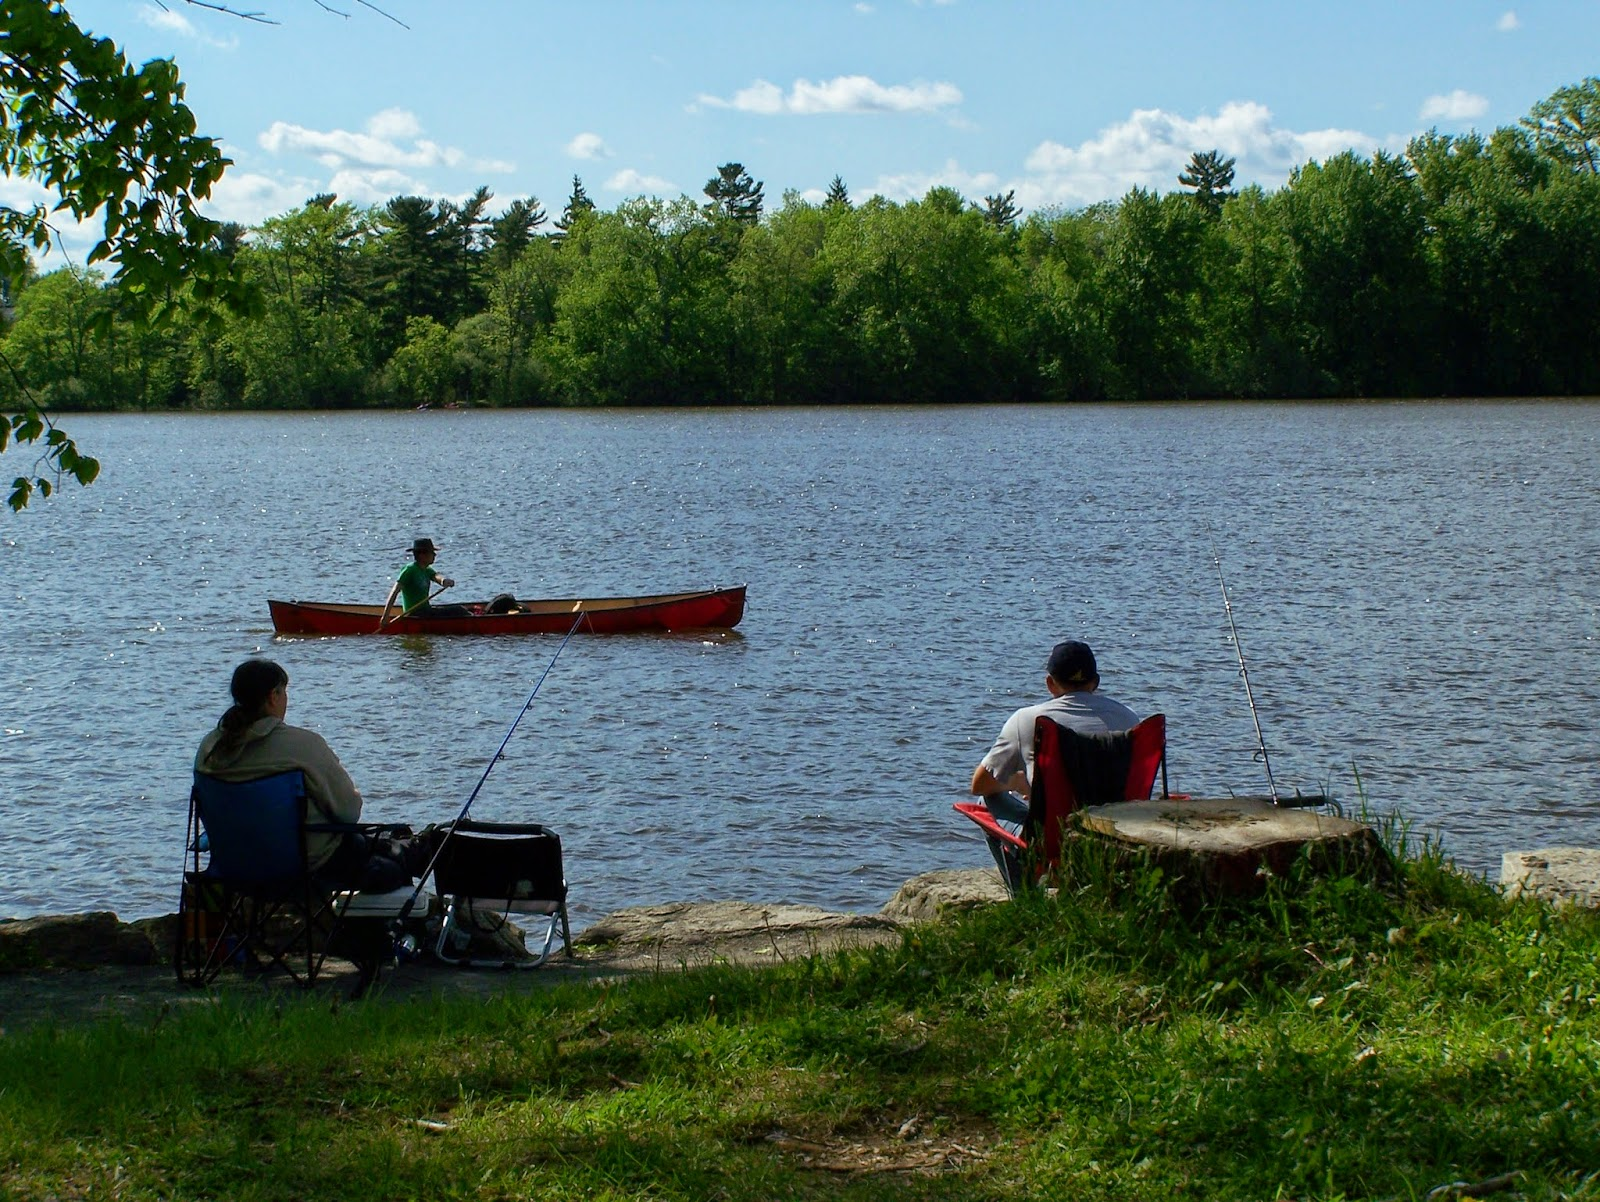 Pêche au Québec, pêche lac Saint-Pierre, pêche lac St-Louis, Daniel Lefaivre, conseils de pêche